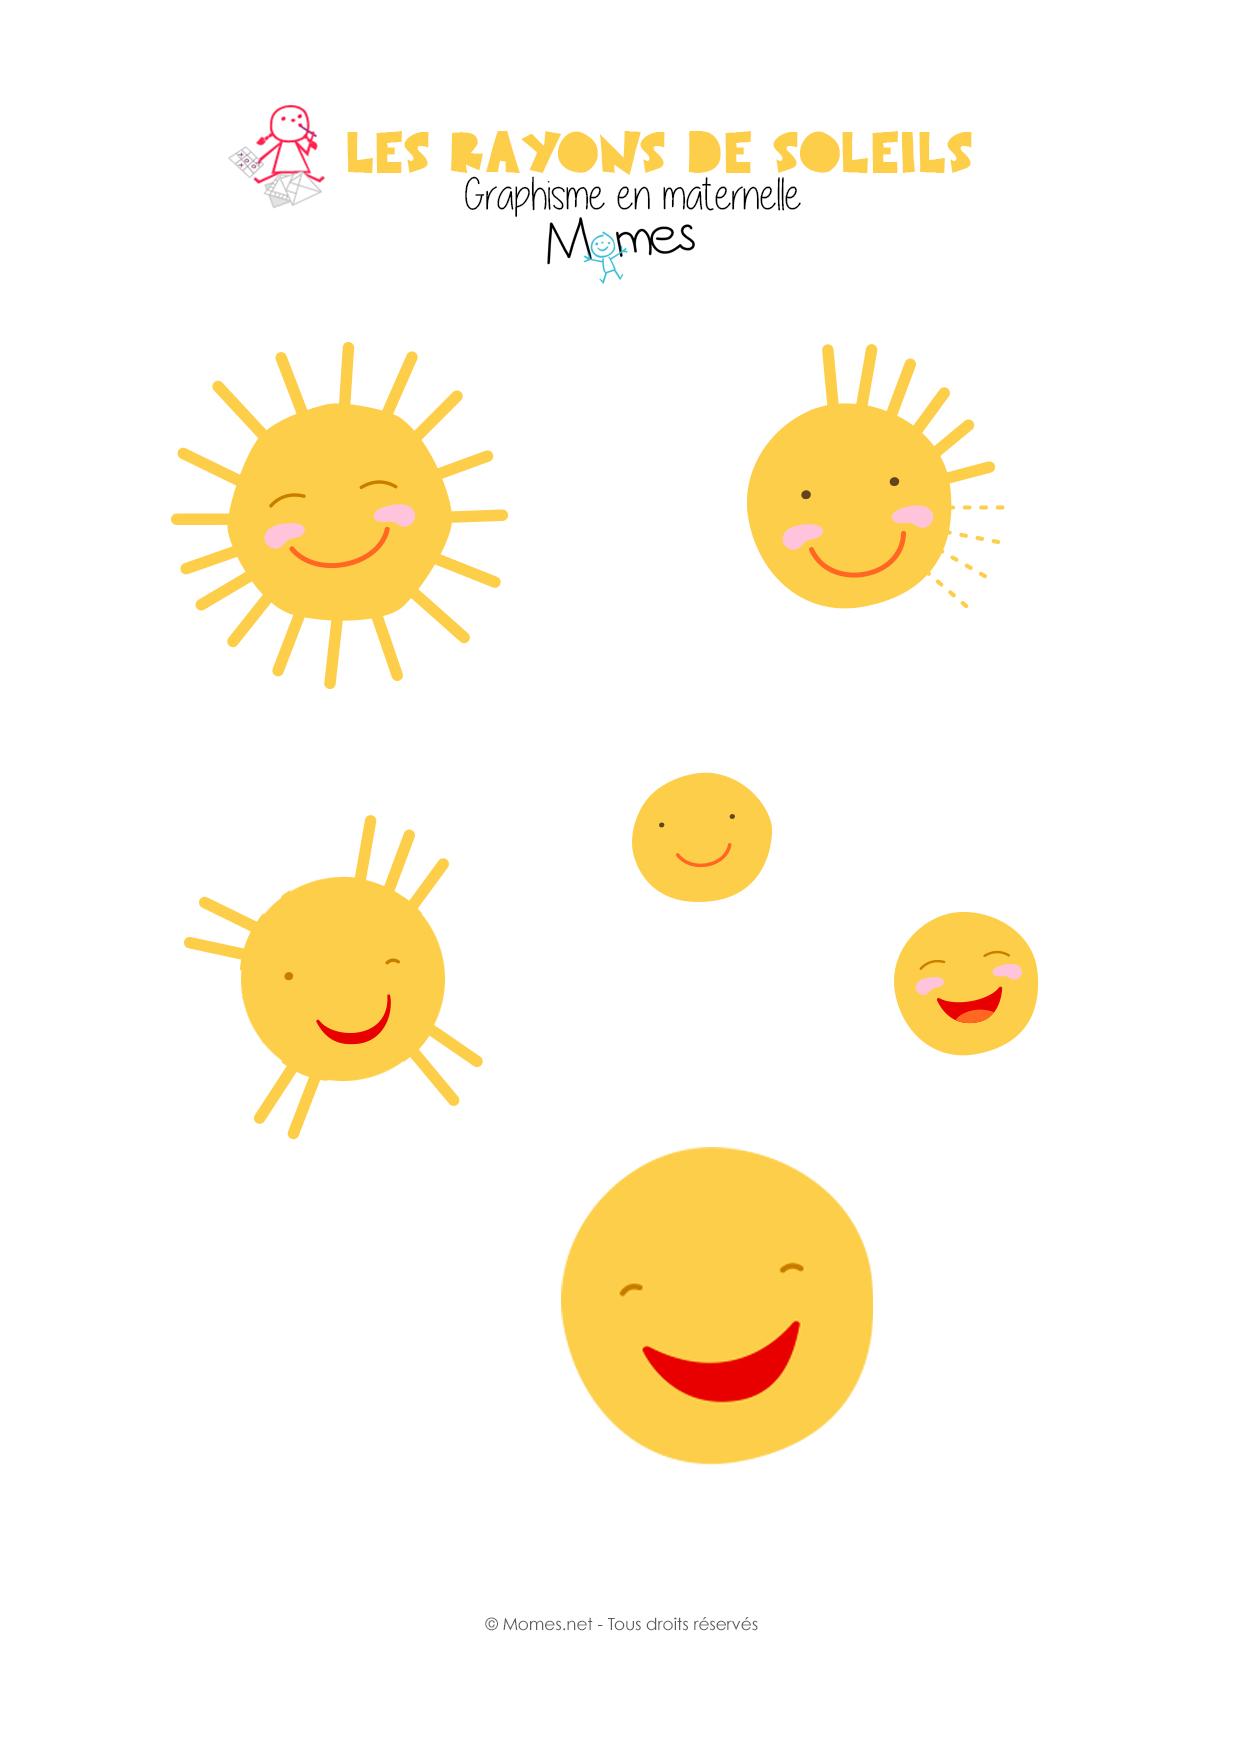 Dofus Un Rayon De Soleil : dofus, rayon, soleil, Rayon, Soleil, Dofus